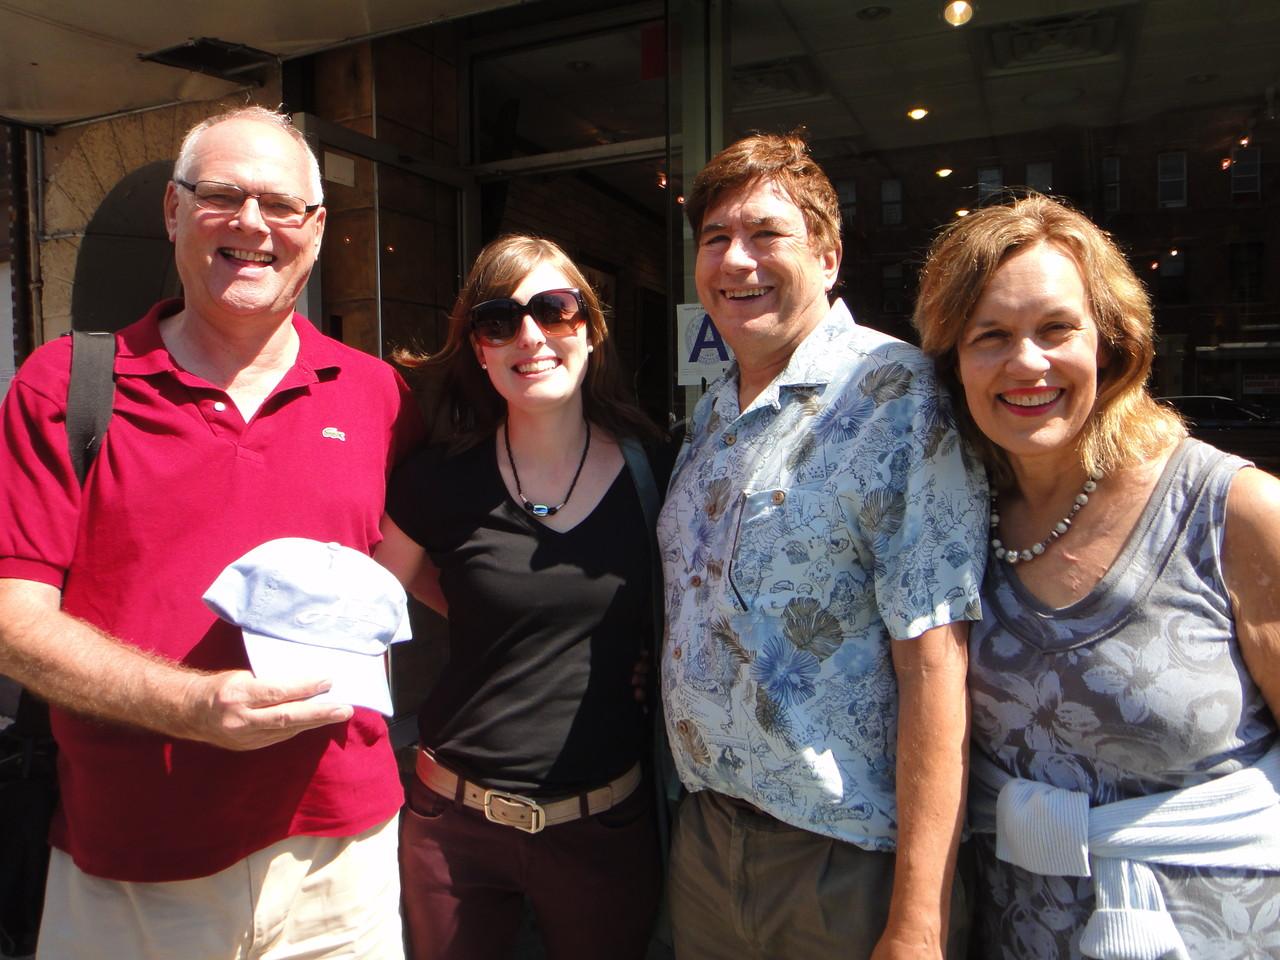 Bernd, Anna, John, & Lorraine